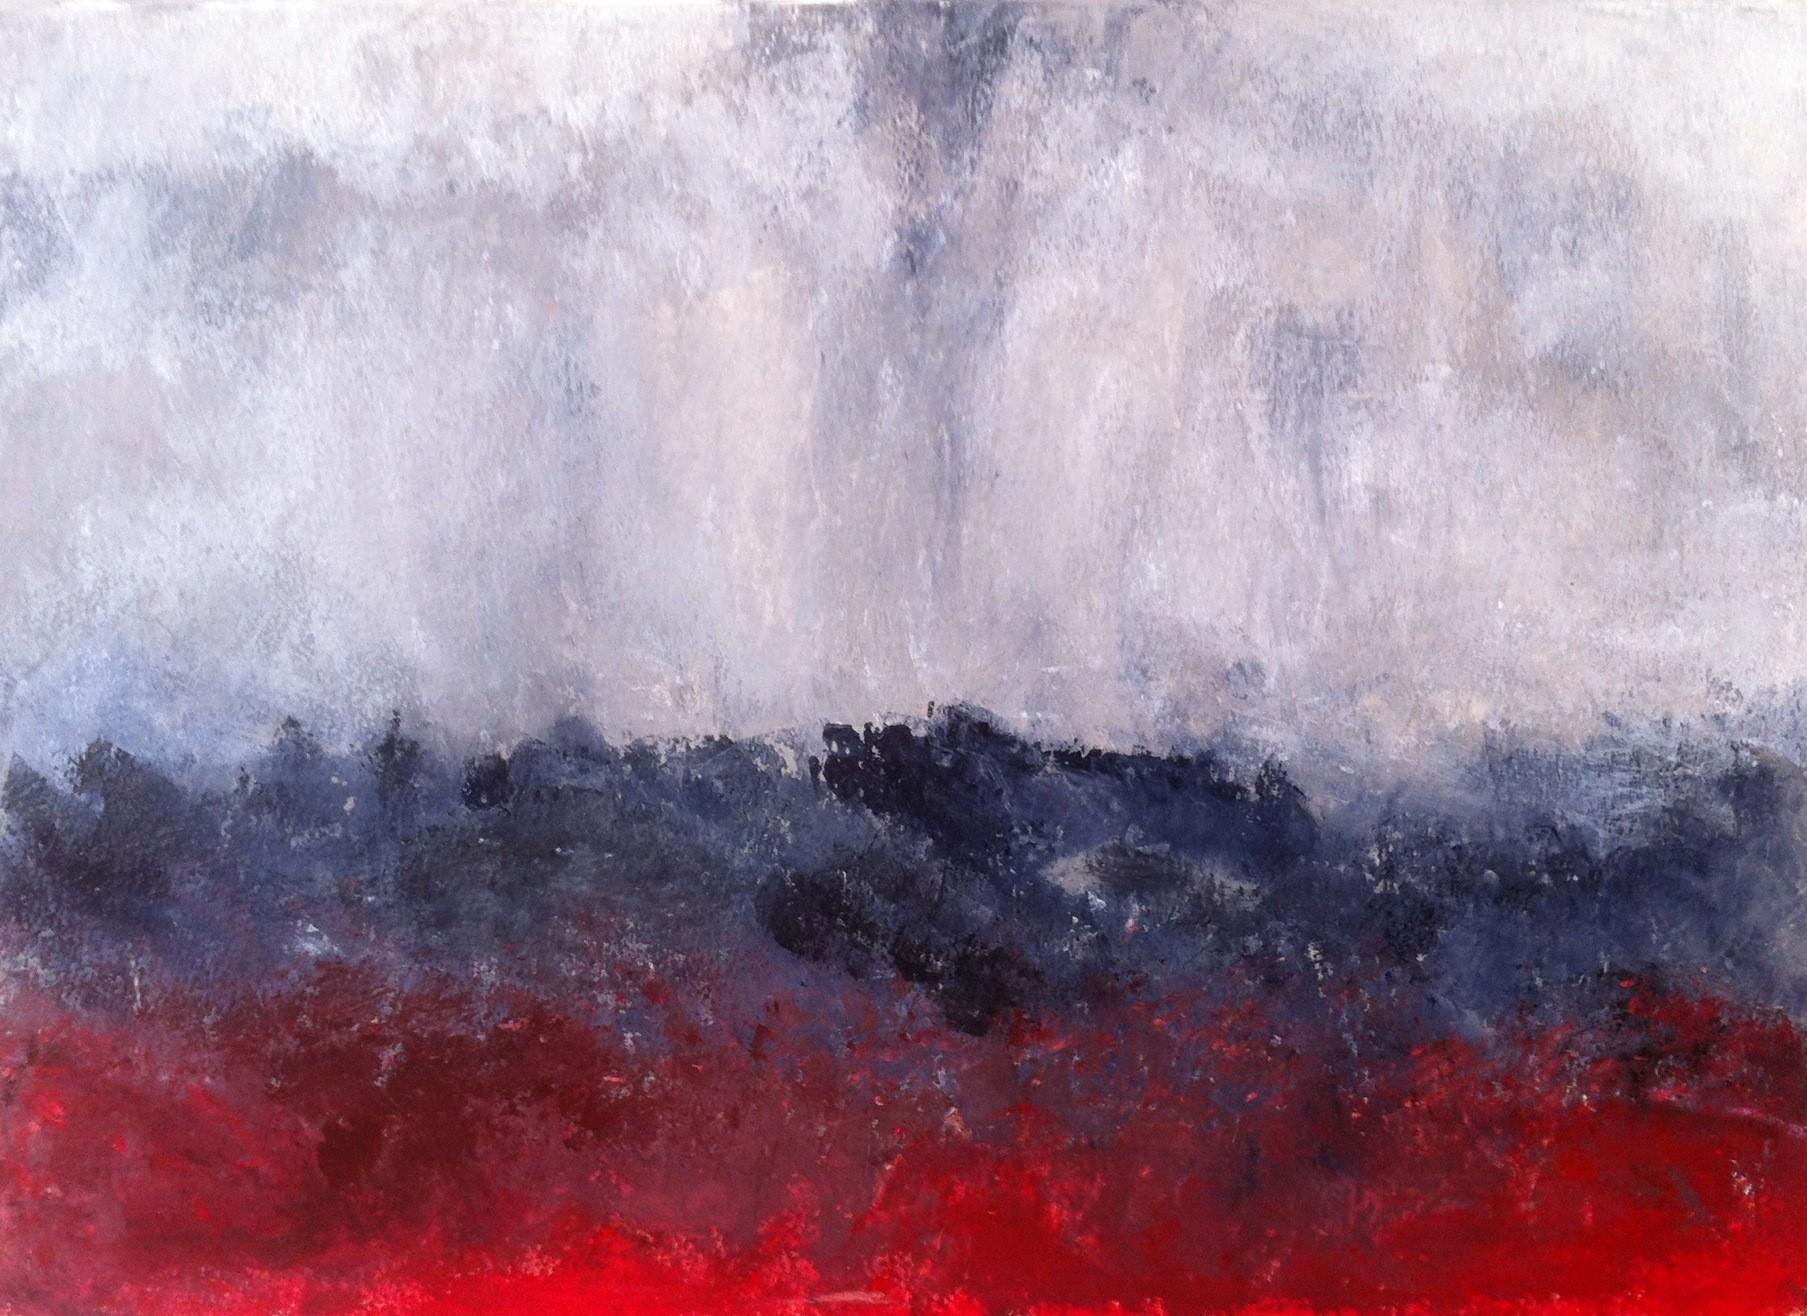 N° 745 - Terre en feu - Acrylique sur papier - 39 x 53,5 cm - 23 octobre 2013